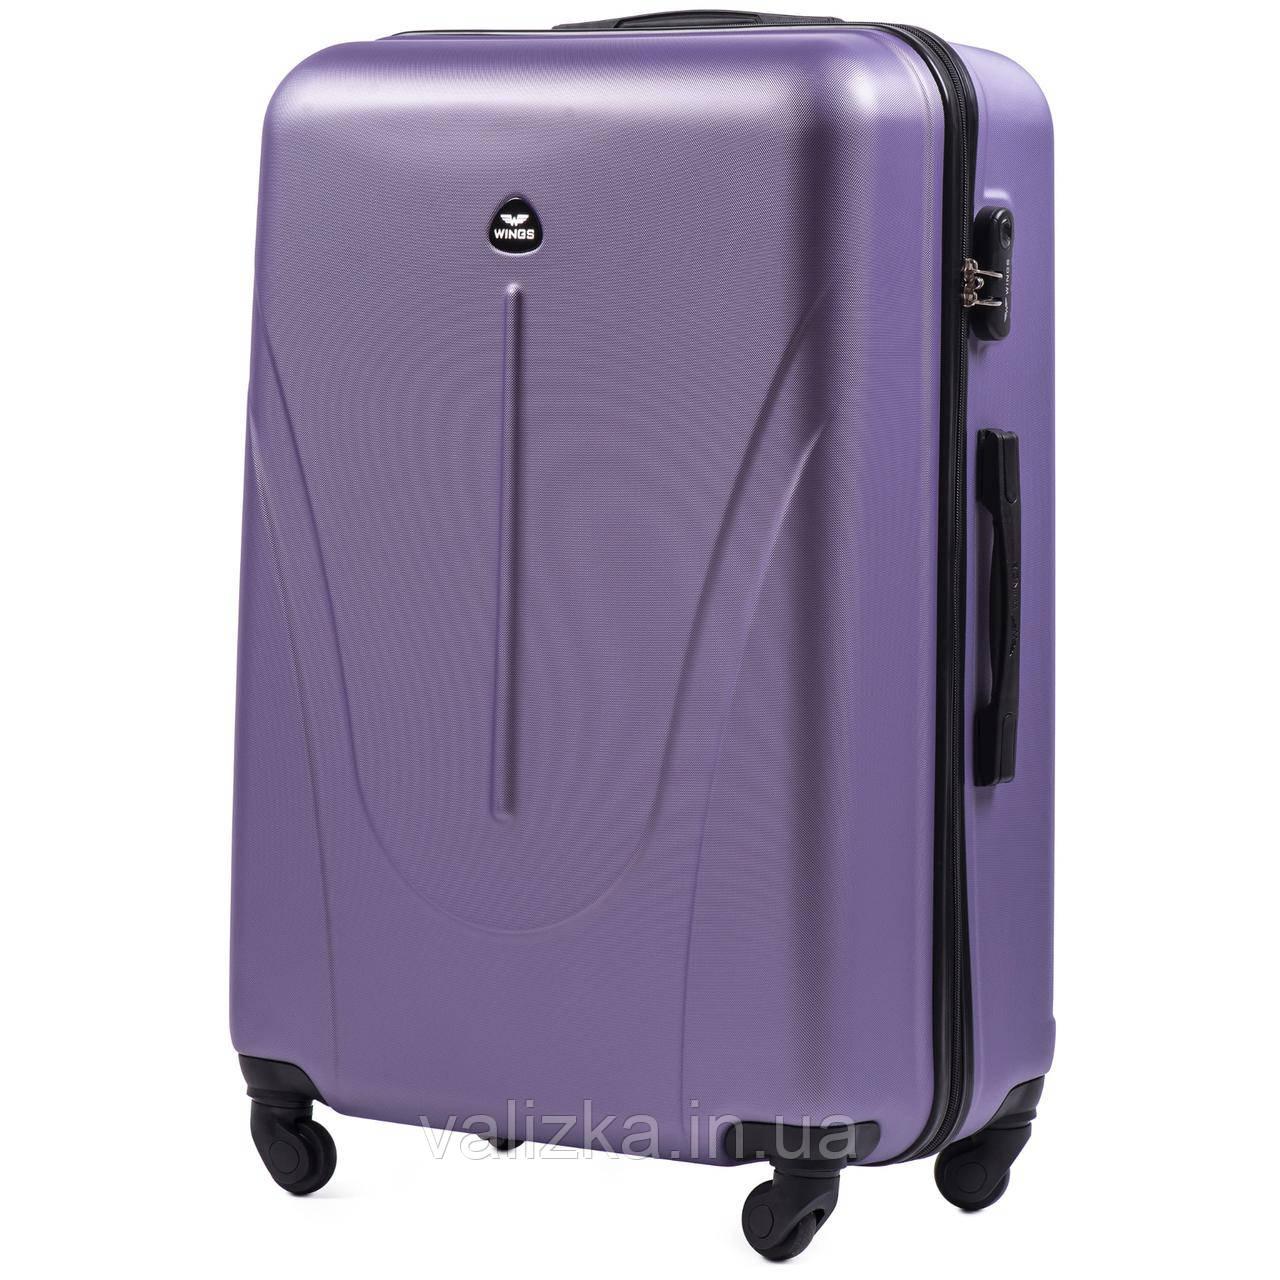 Большой пластиковый чемодан Wings на 4-х колесах фиолетовый